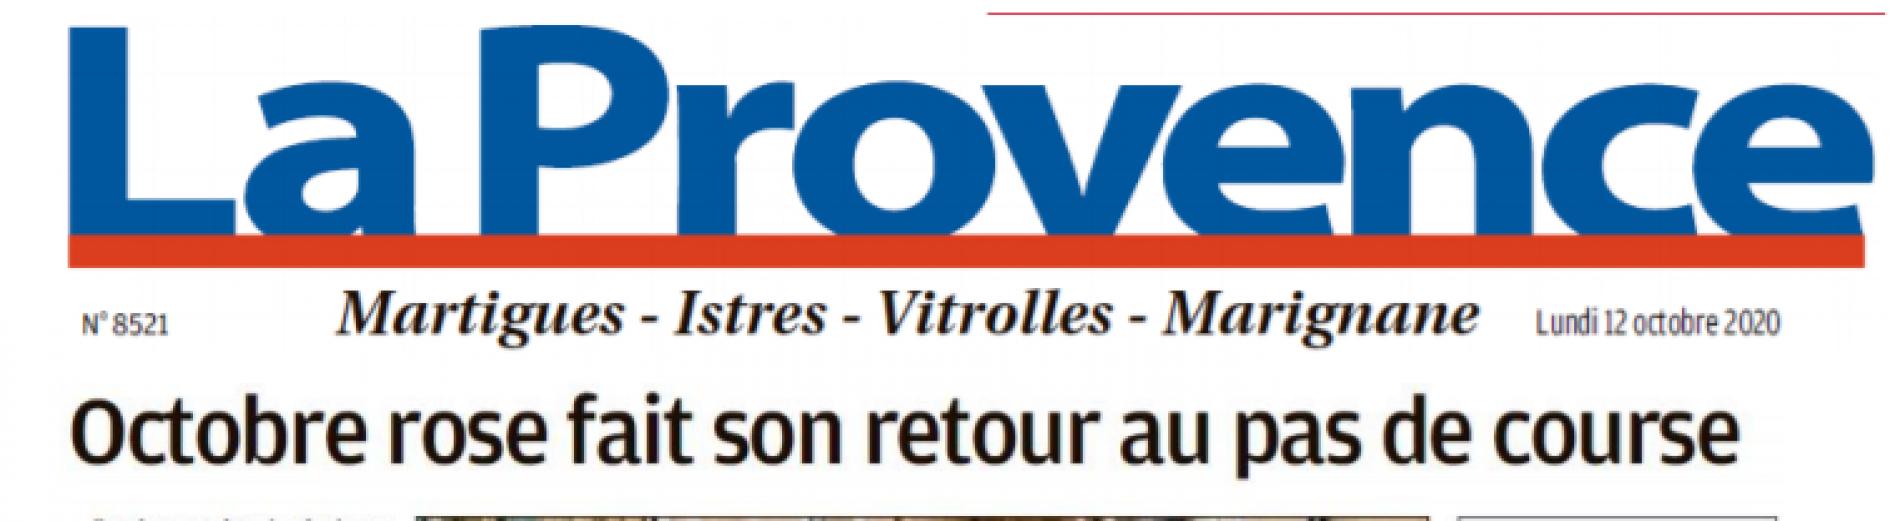 Octobre Rose : Le journal La Provence en parle